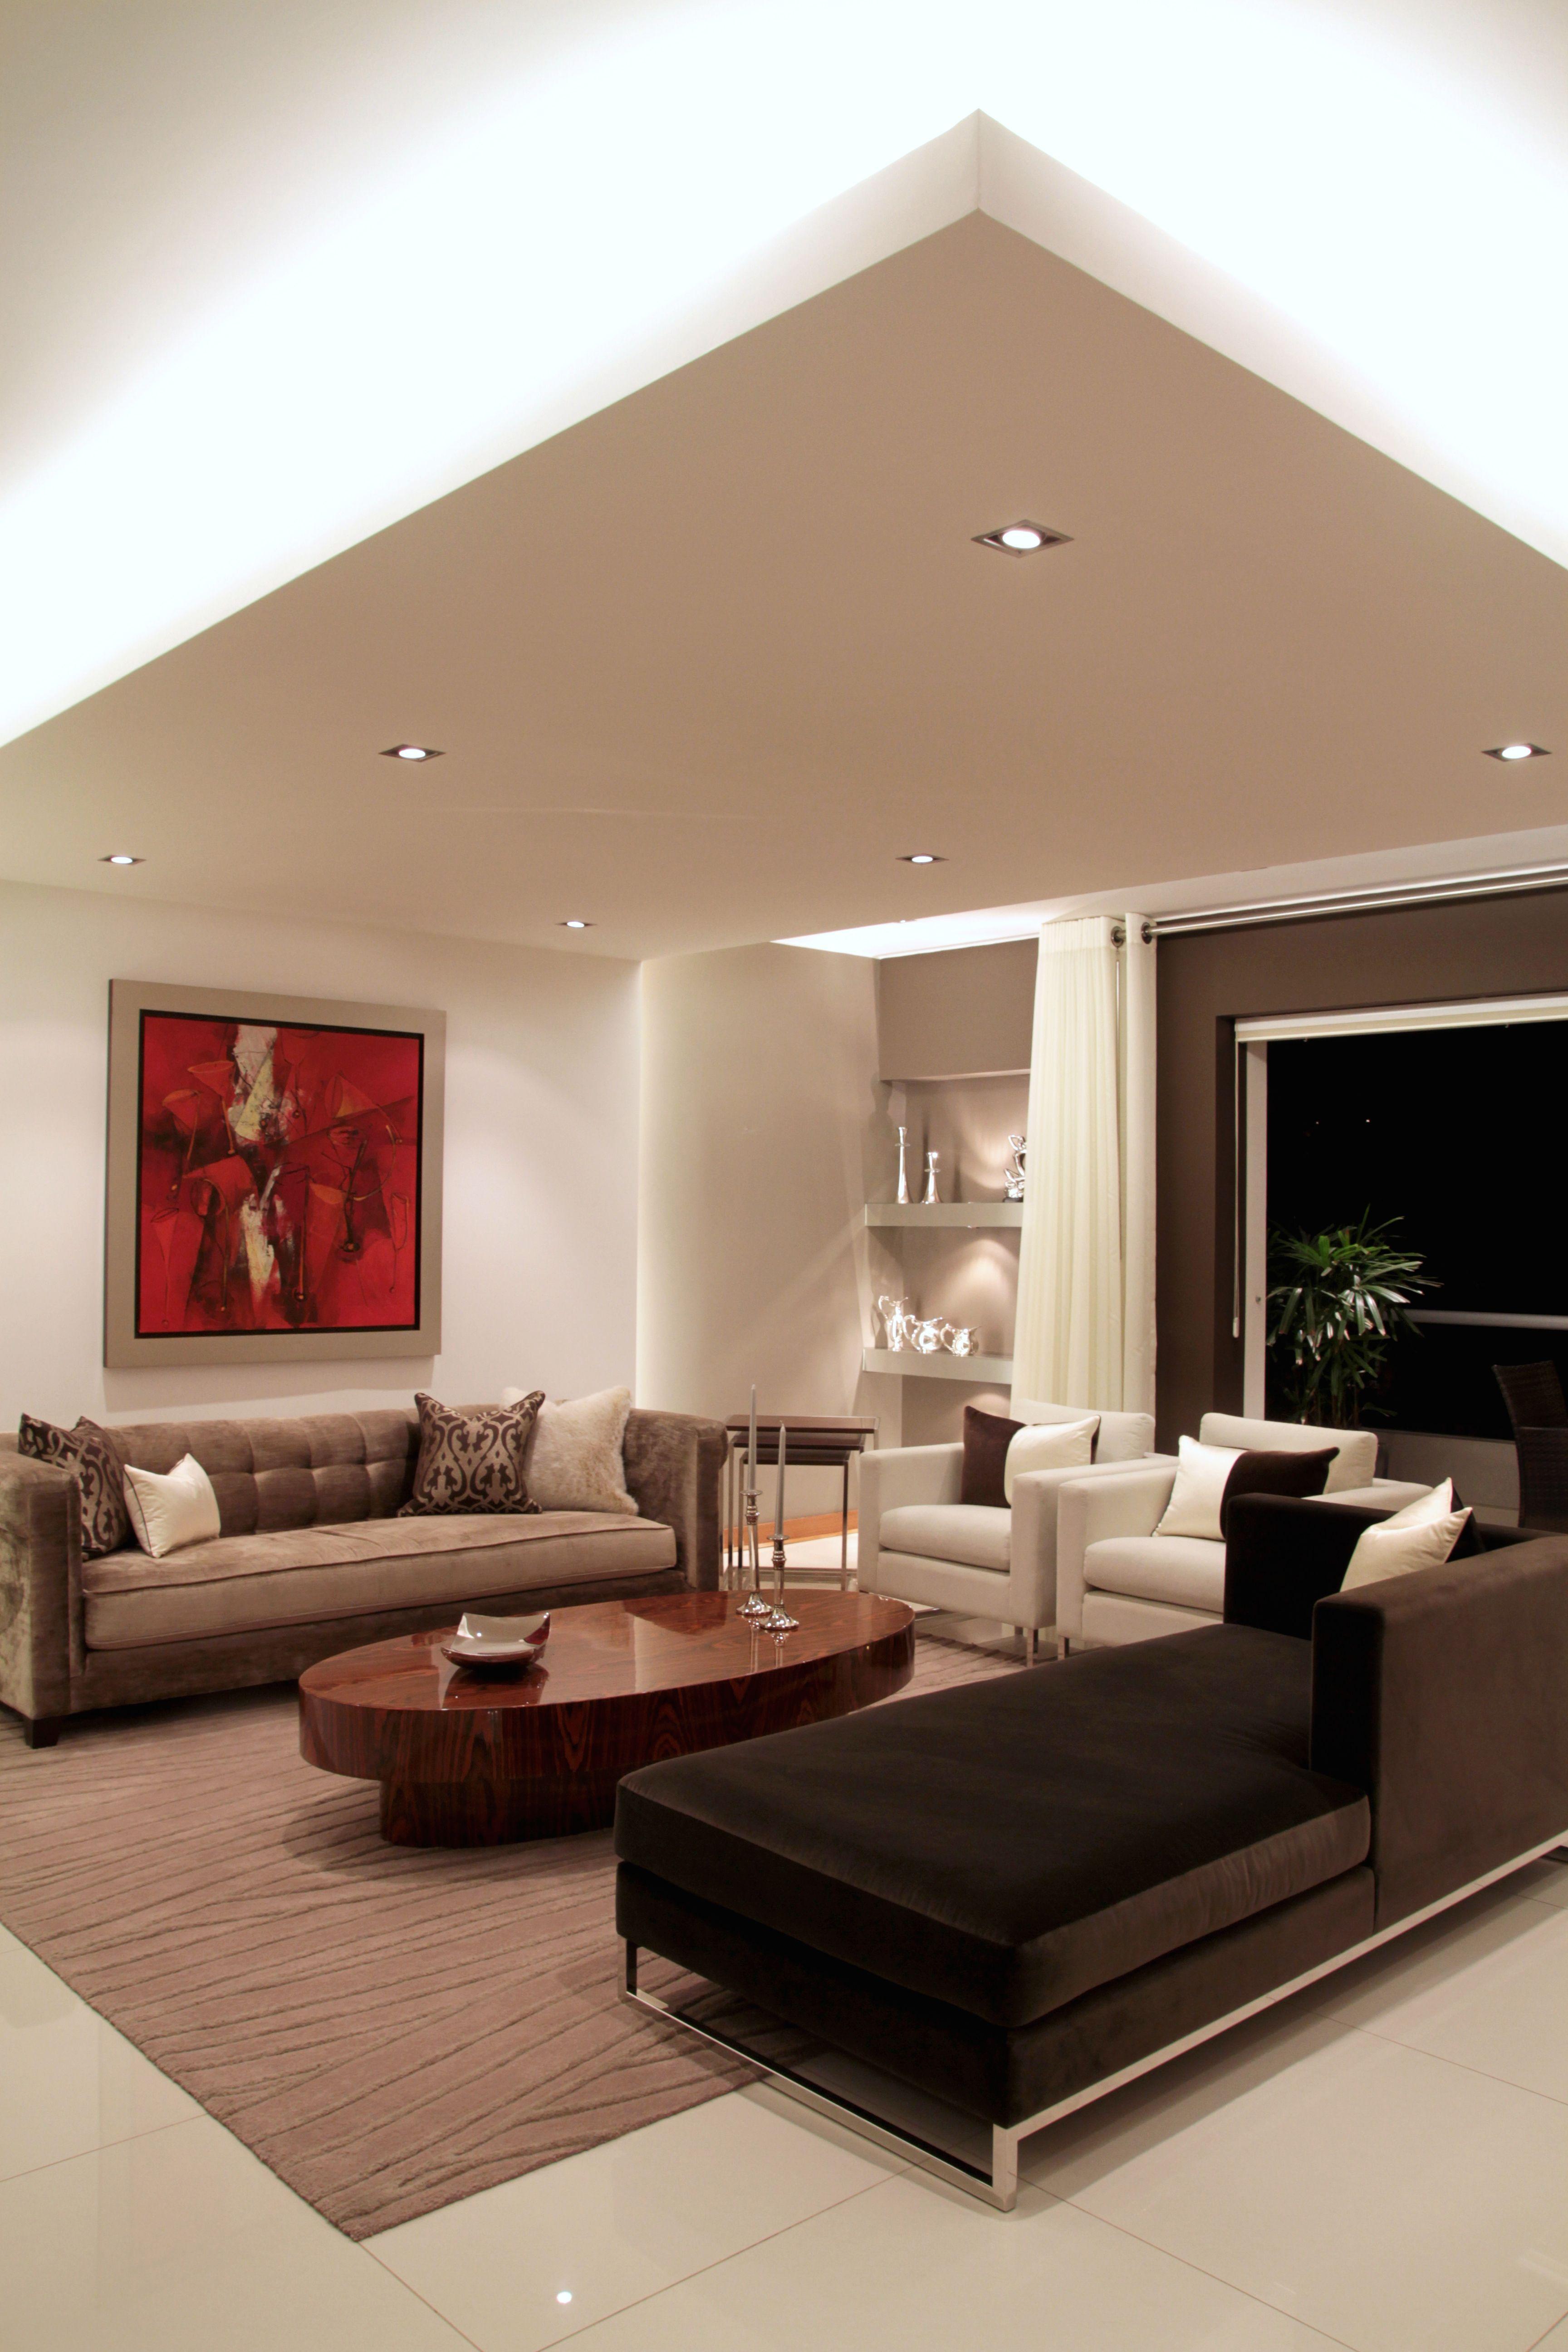 Vista del recibo y del falso techo con iluminaci n - Iluminacion para techos bajos ...